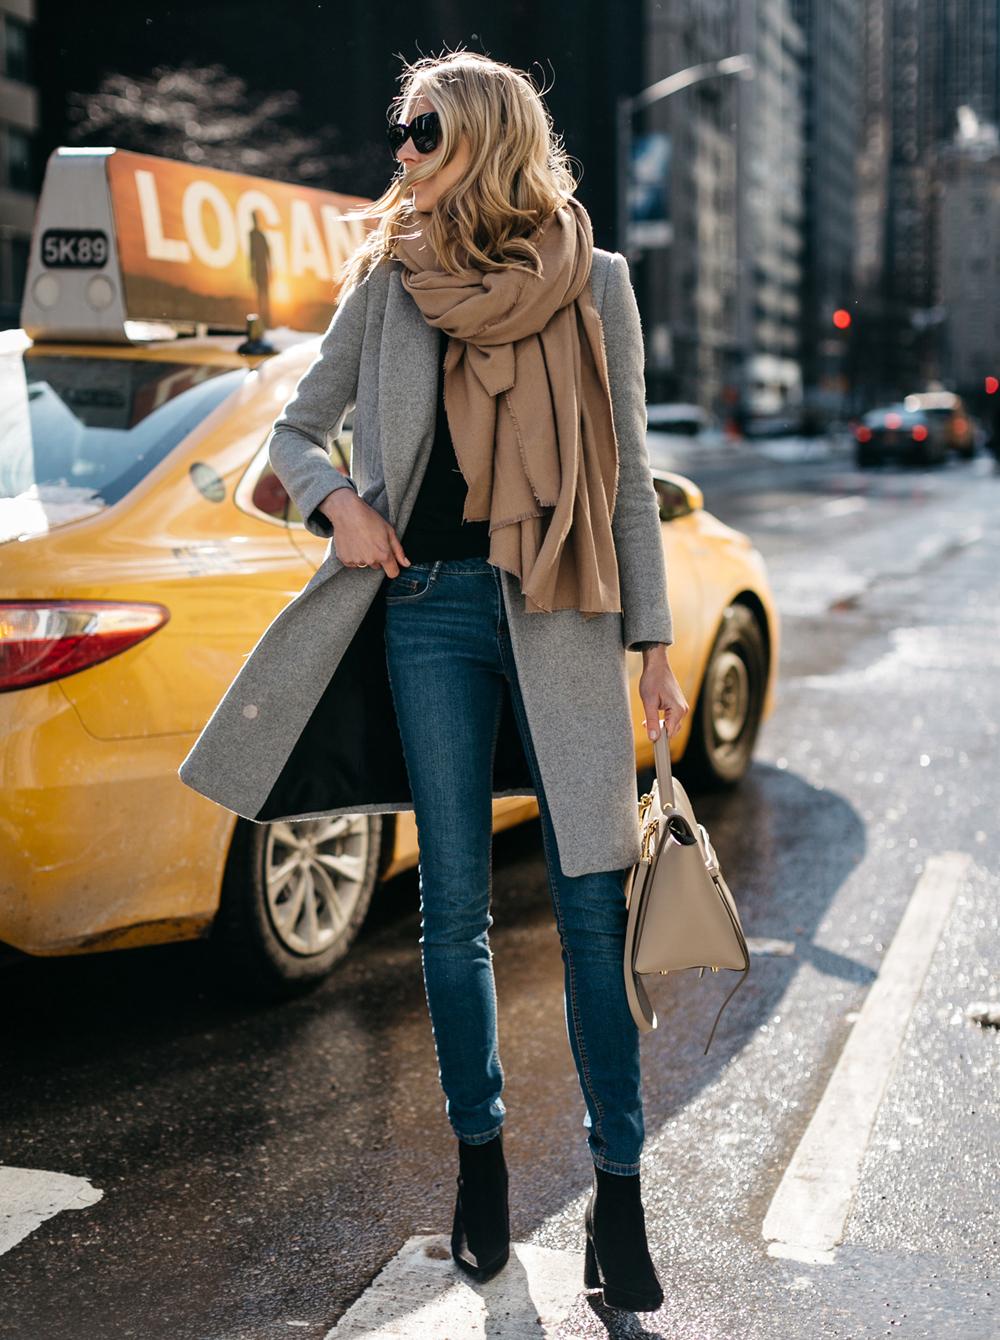 Fashion Jackson NYC Travel Guide